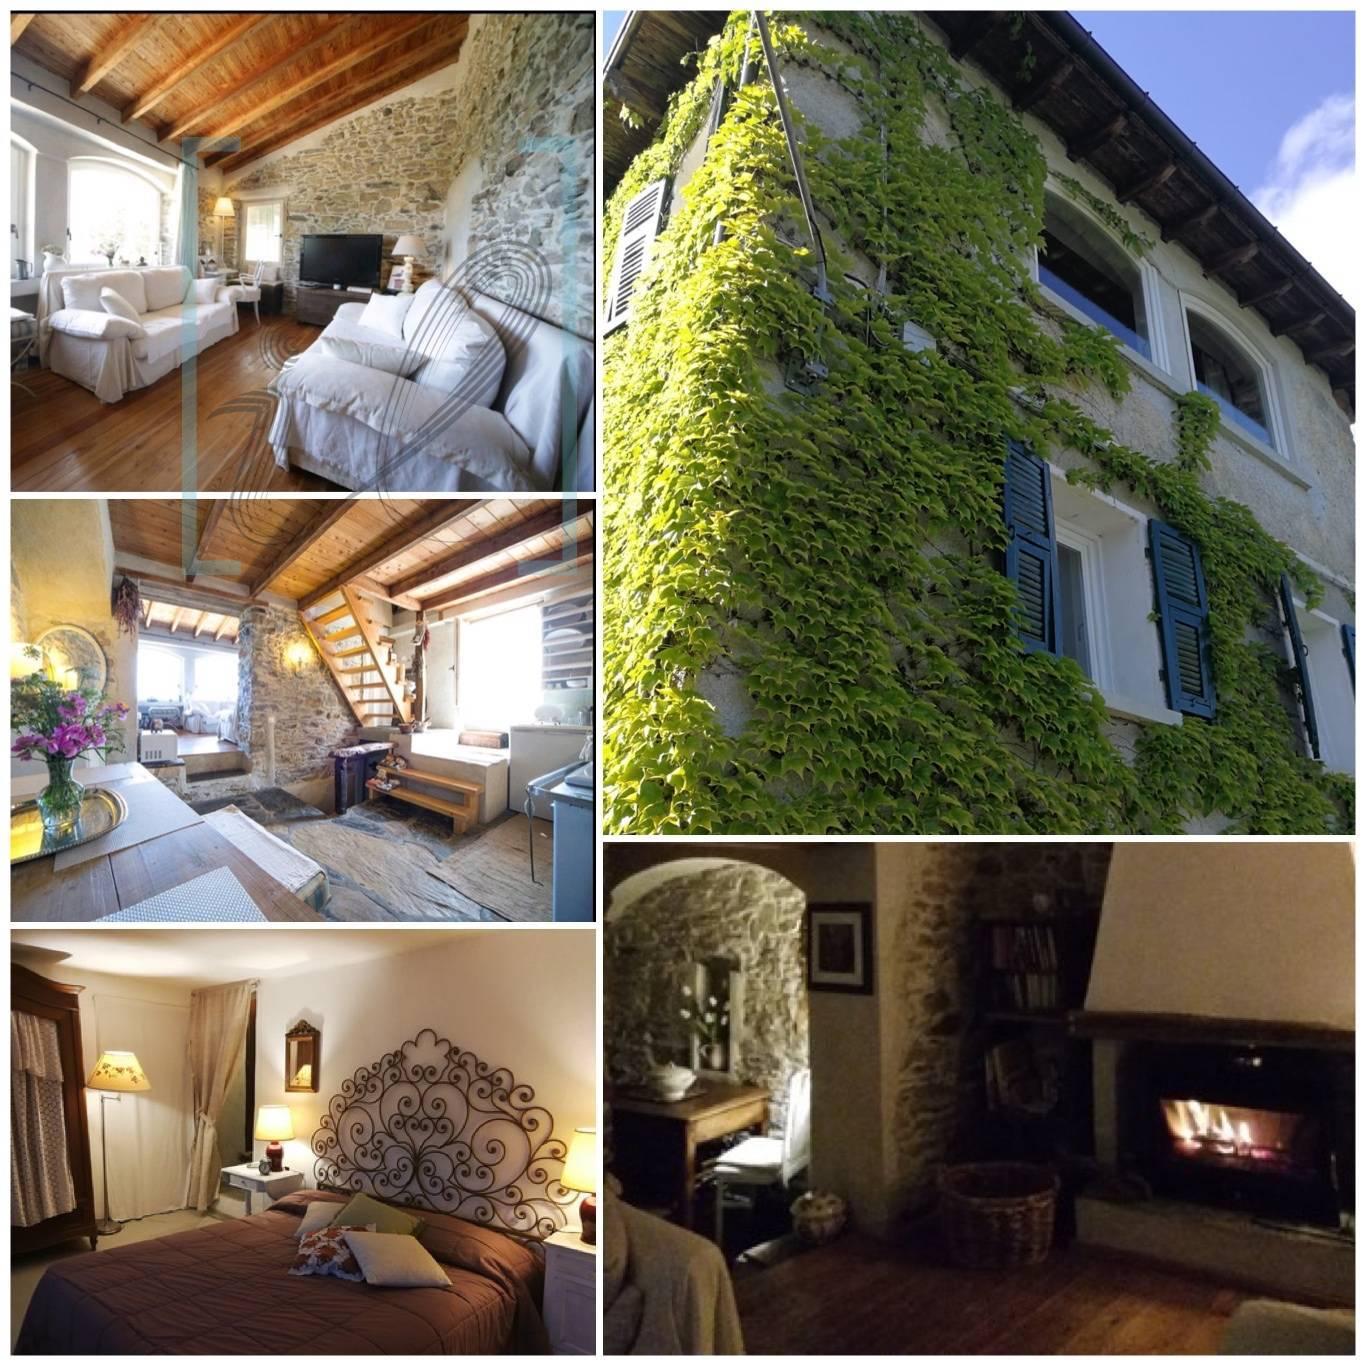 Villa in affitto a Pieve di Teco, 3 locali, Trattative riservate   CambioCasa.it